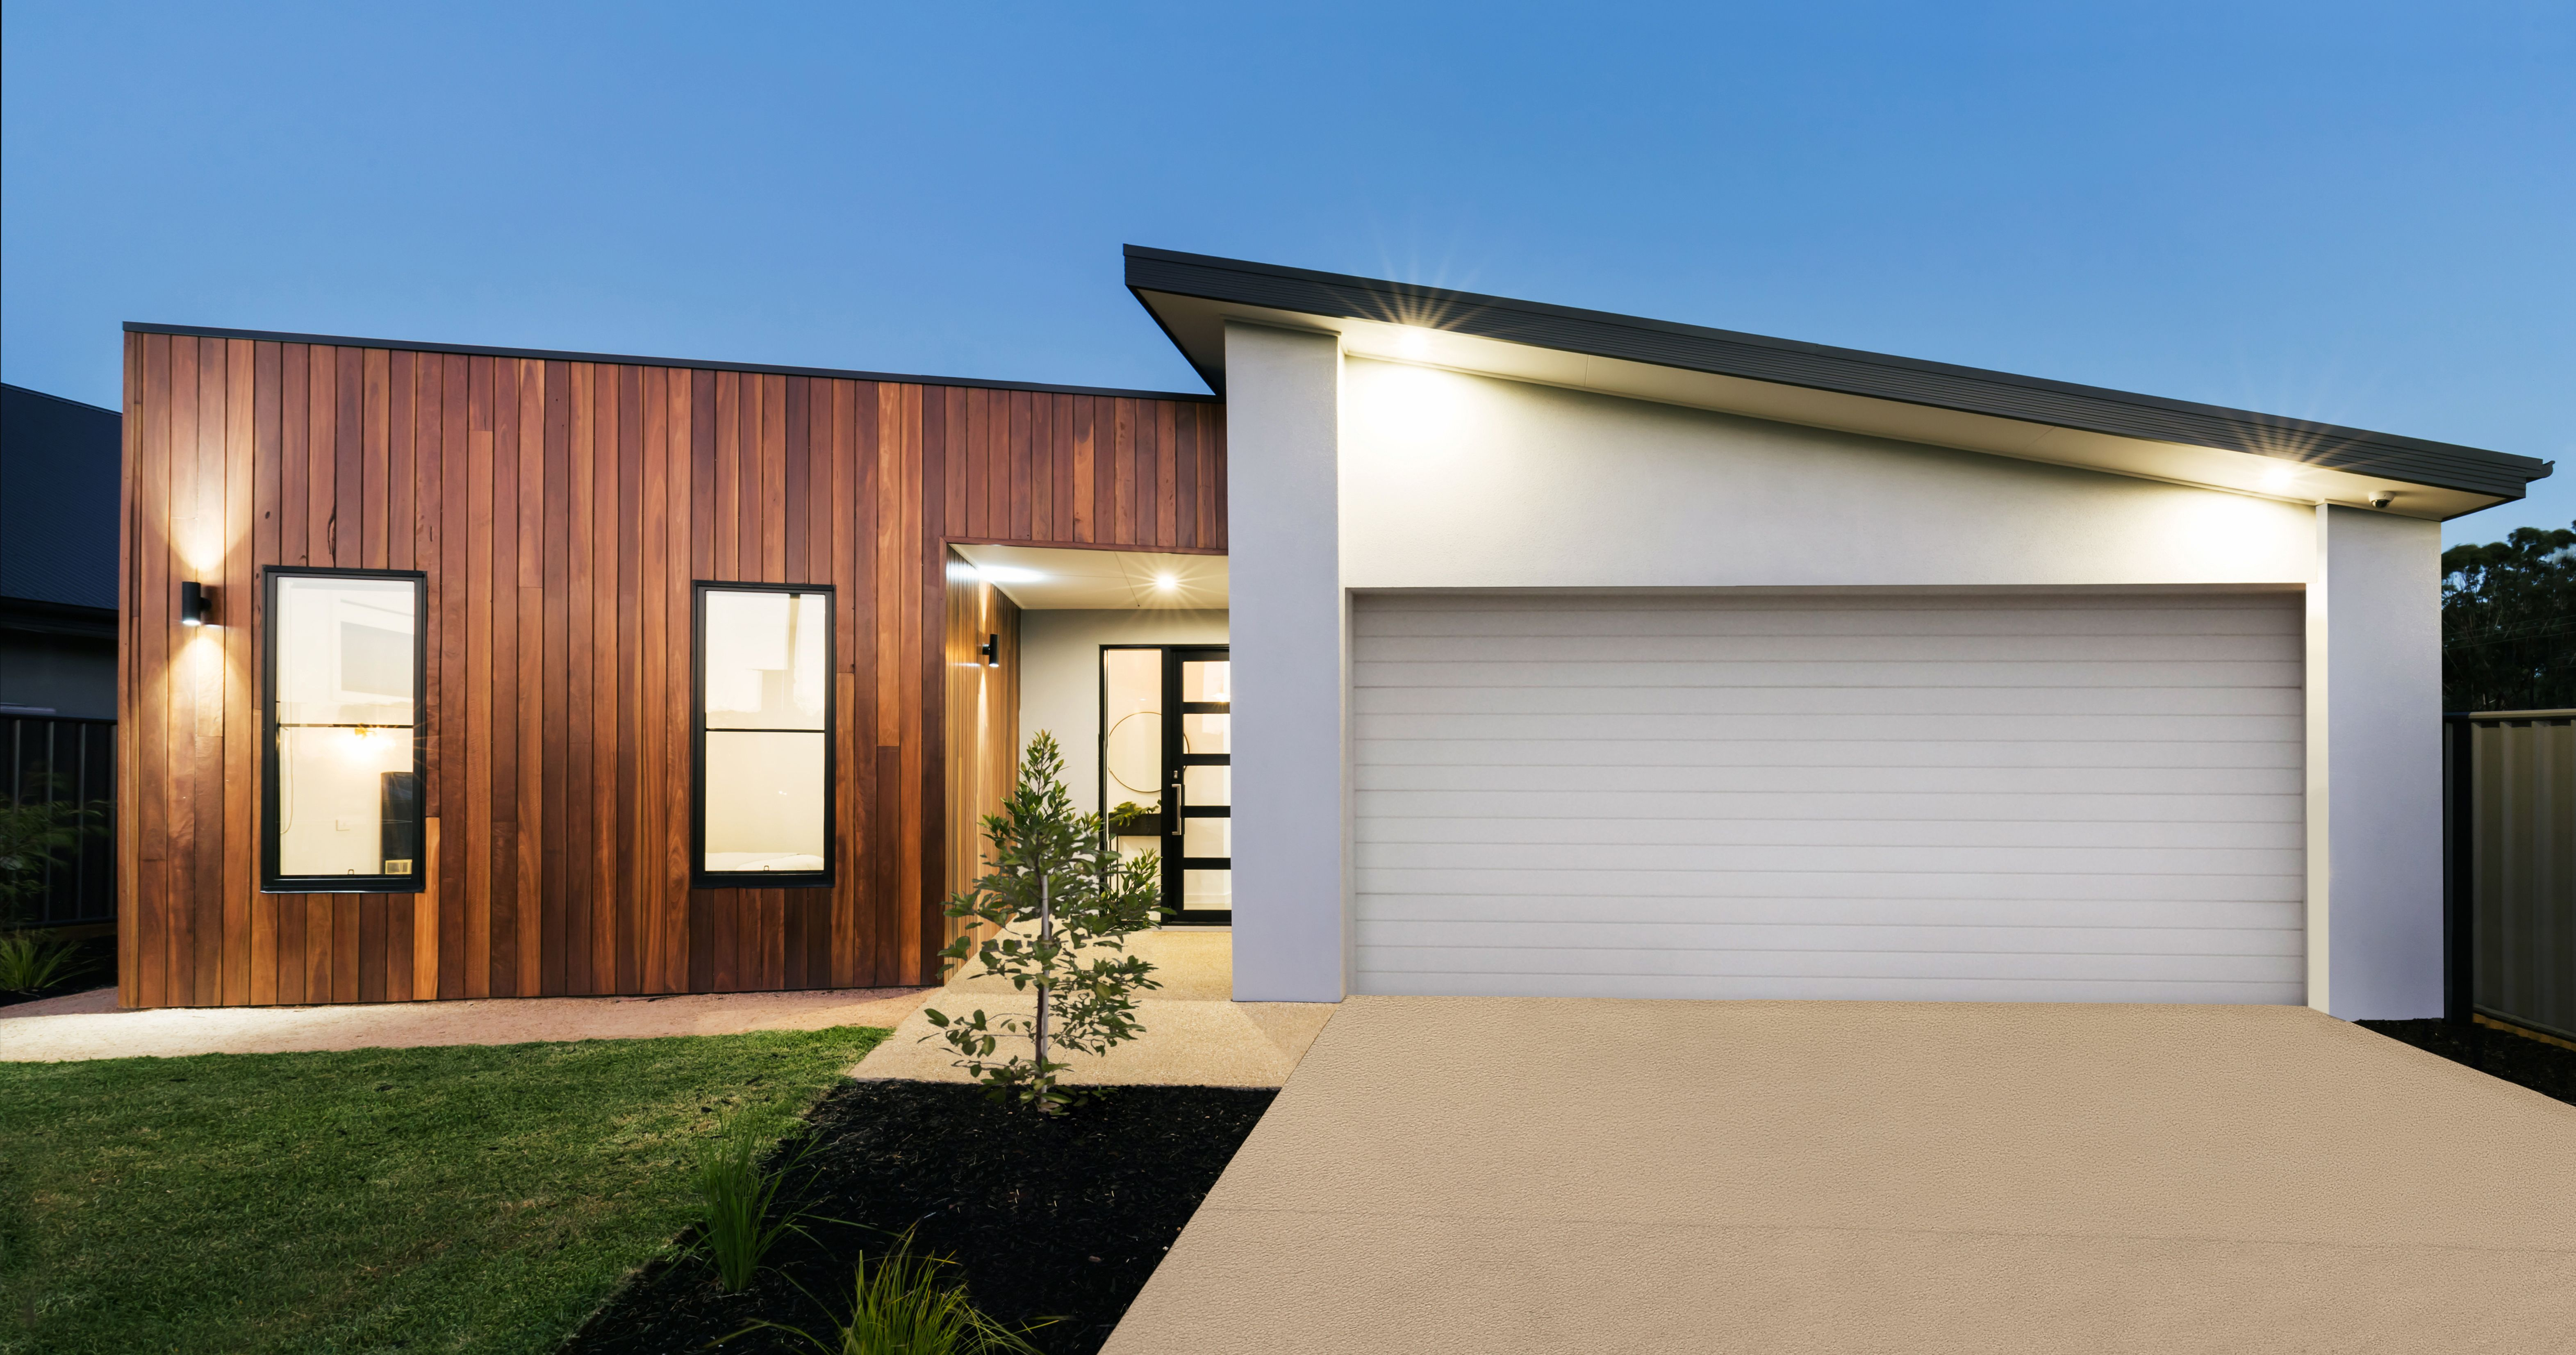 Pitched Roof Vs Flat Roof What Should You Choose Garage Door Design Garage Door Styles Modern Entry Door